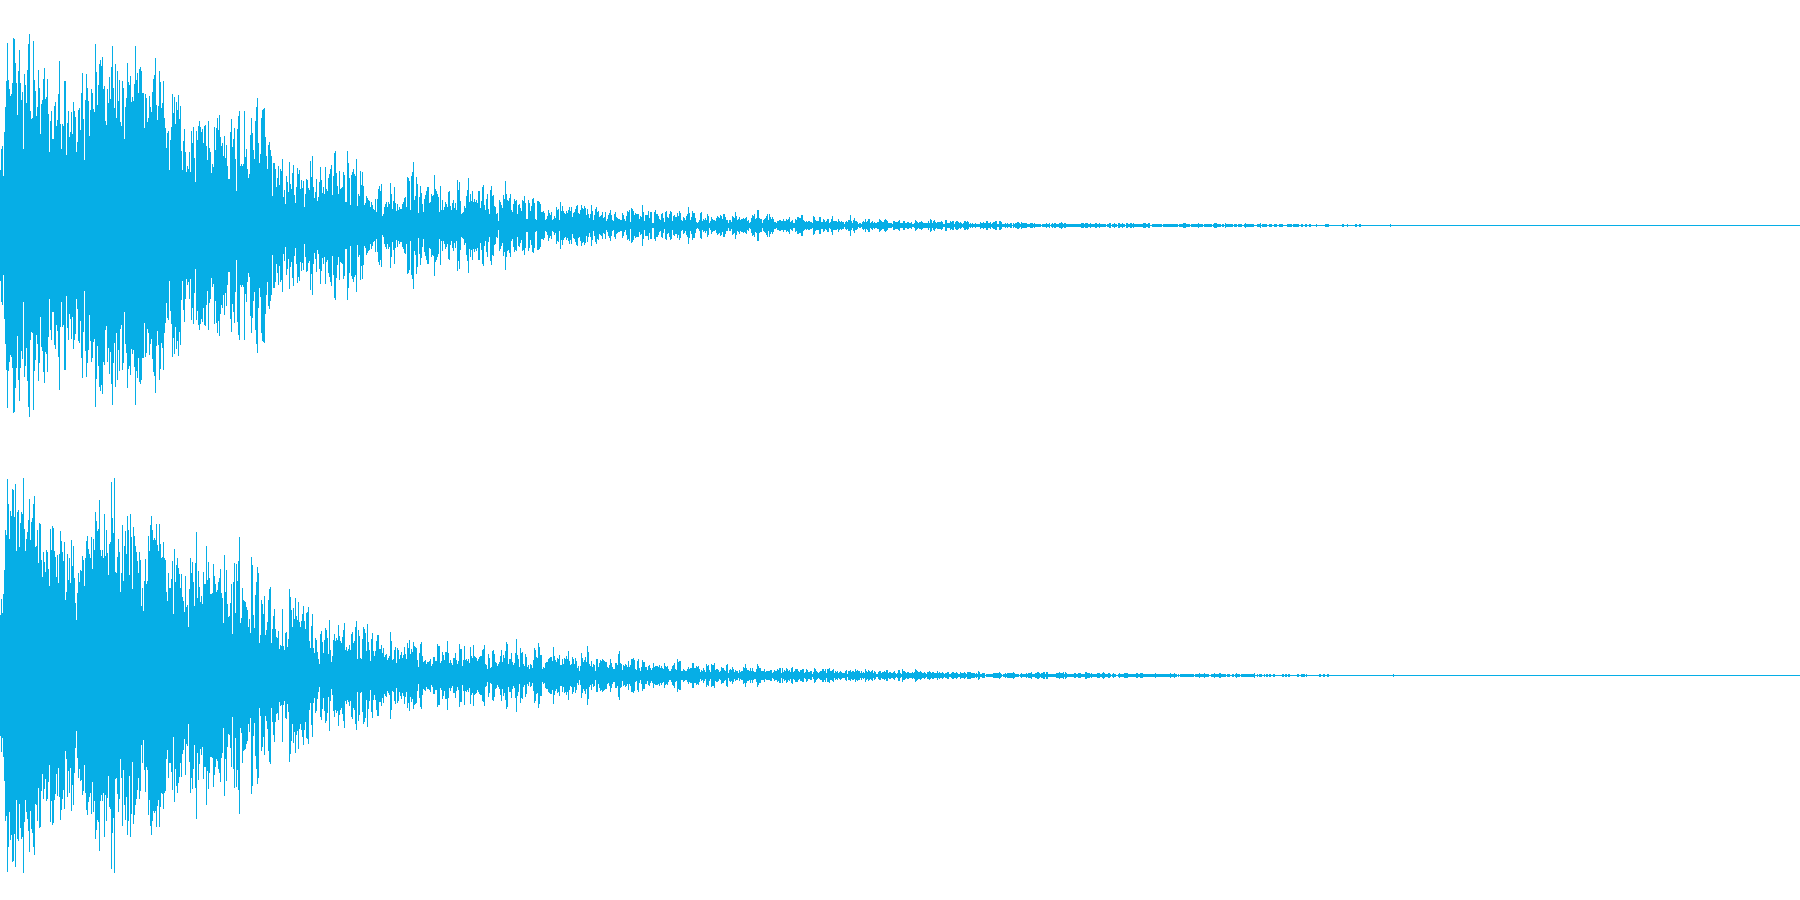 和風 オーケストラヒット ジングル!3bの再生済みの波形